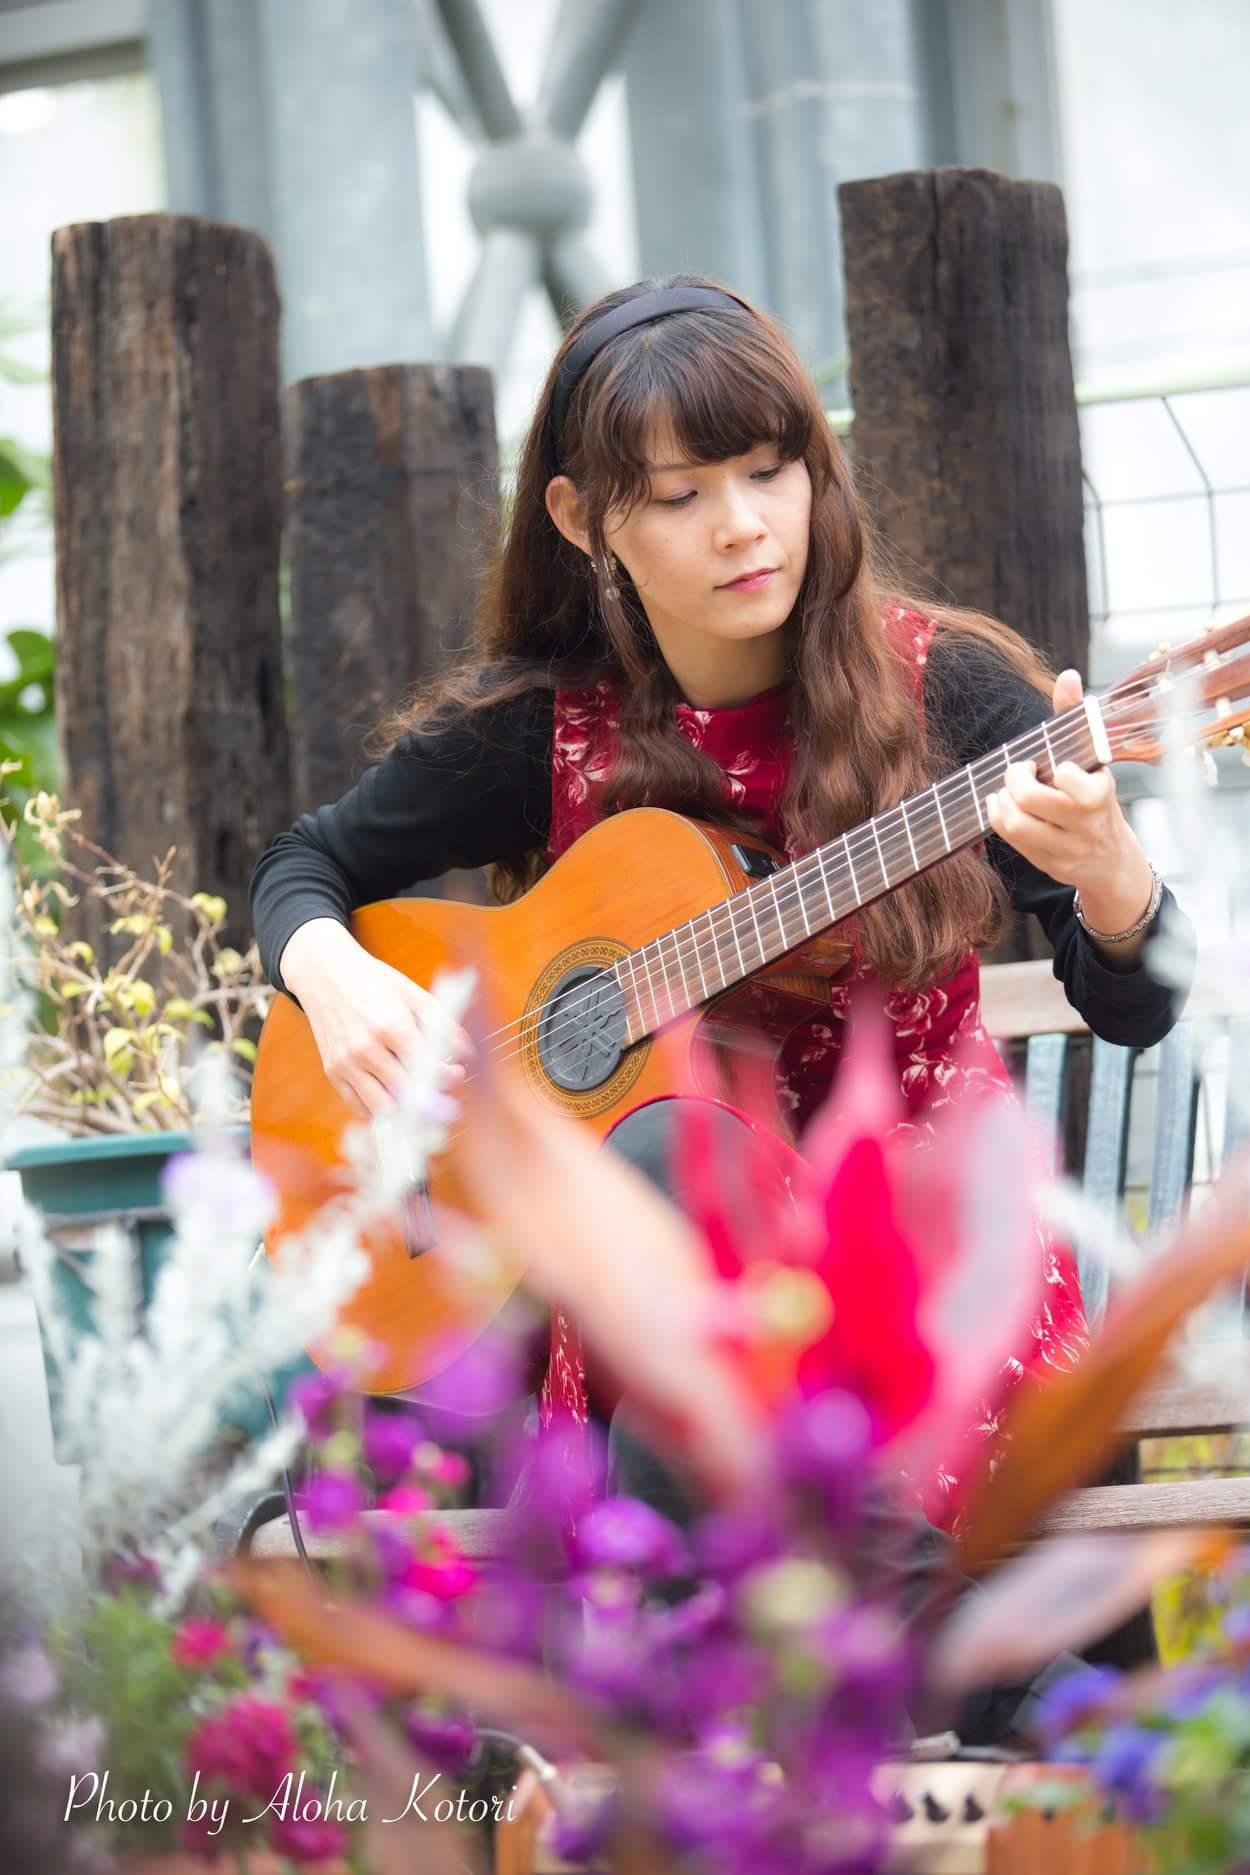 農業文化園戸田川緑地さくらまつり温室ギターコンサート2018_f0373339_1418412.jpg